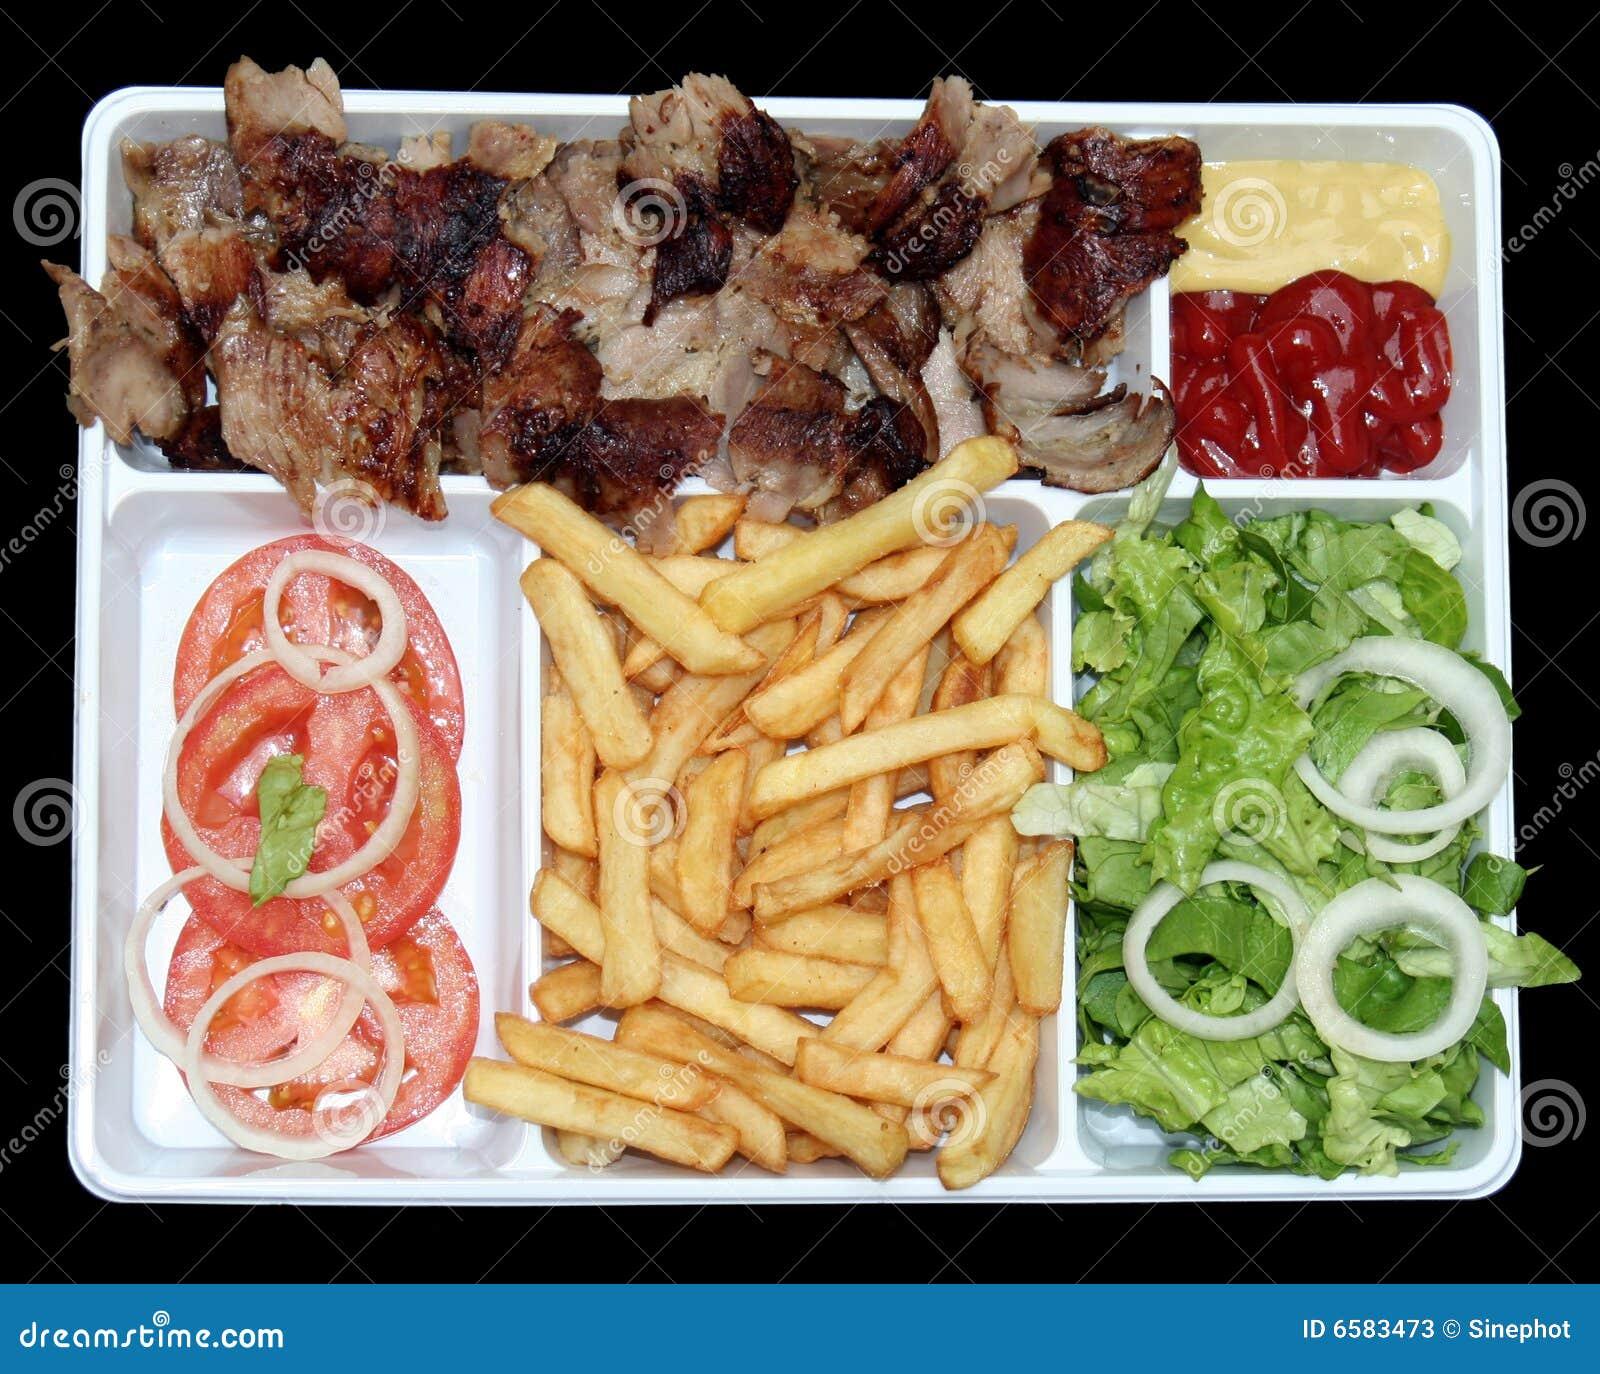 Fasta food kebab